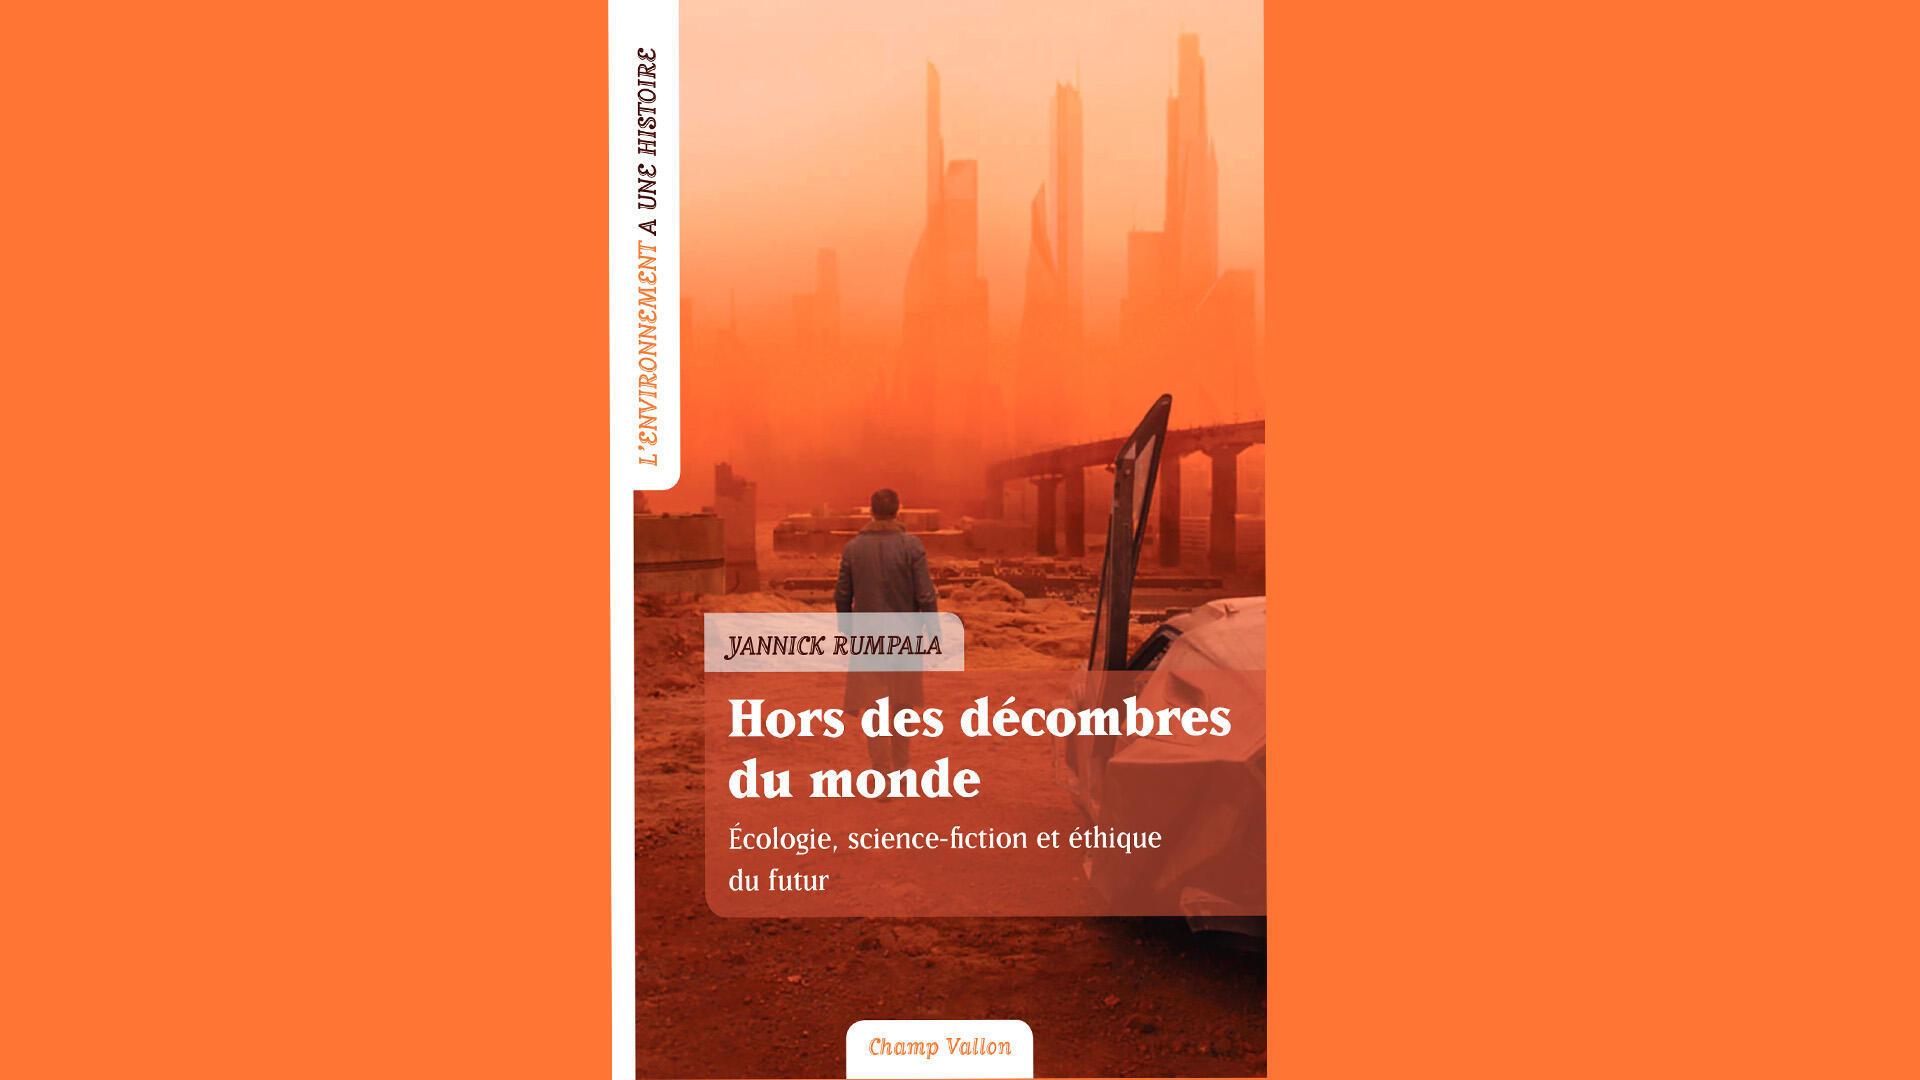 Couverture - Hors des décombres du monde - Yannick Rumpala.